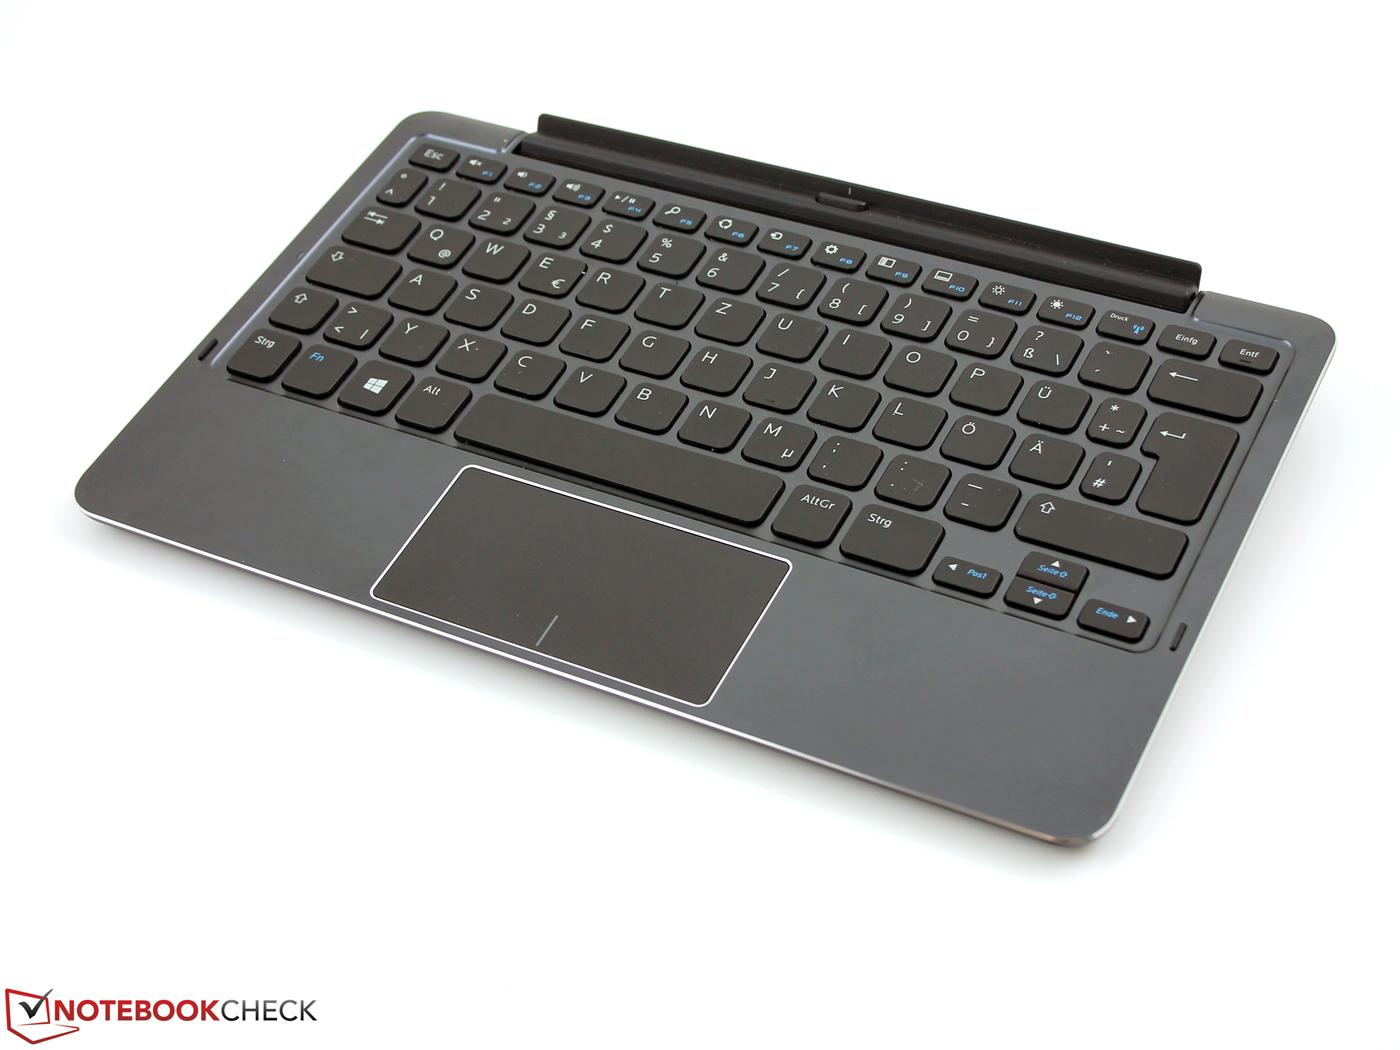 Recenzja Dell Venue 11 Pro 7140 Notebookcheck Pl